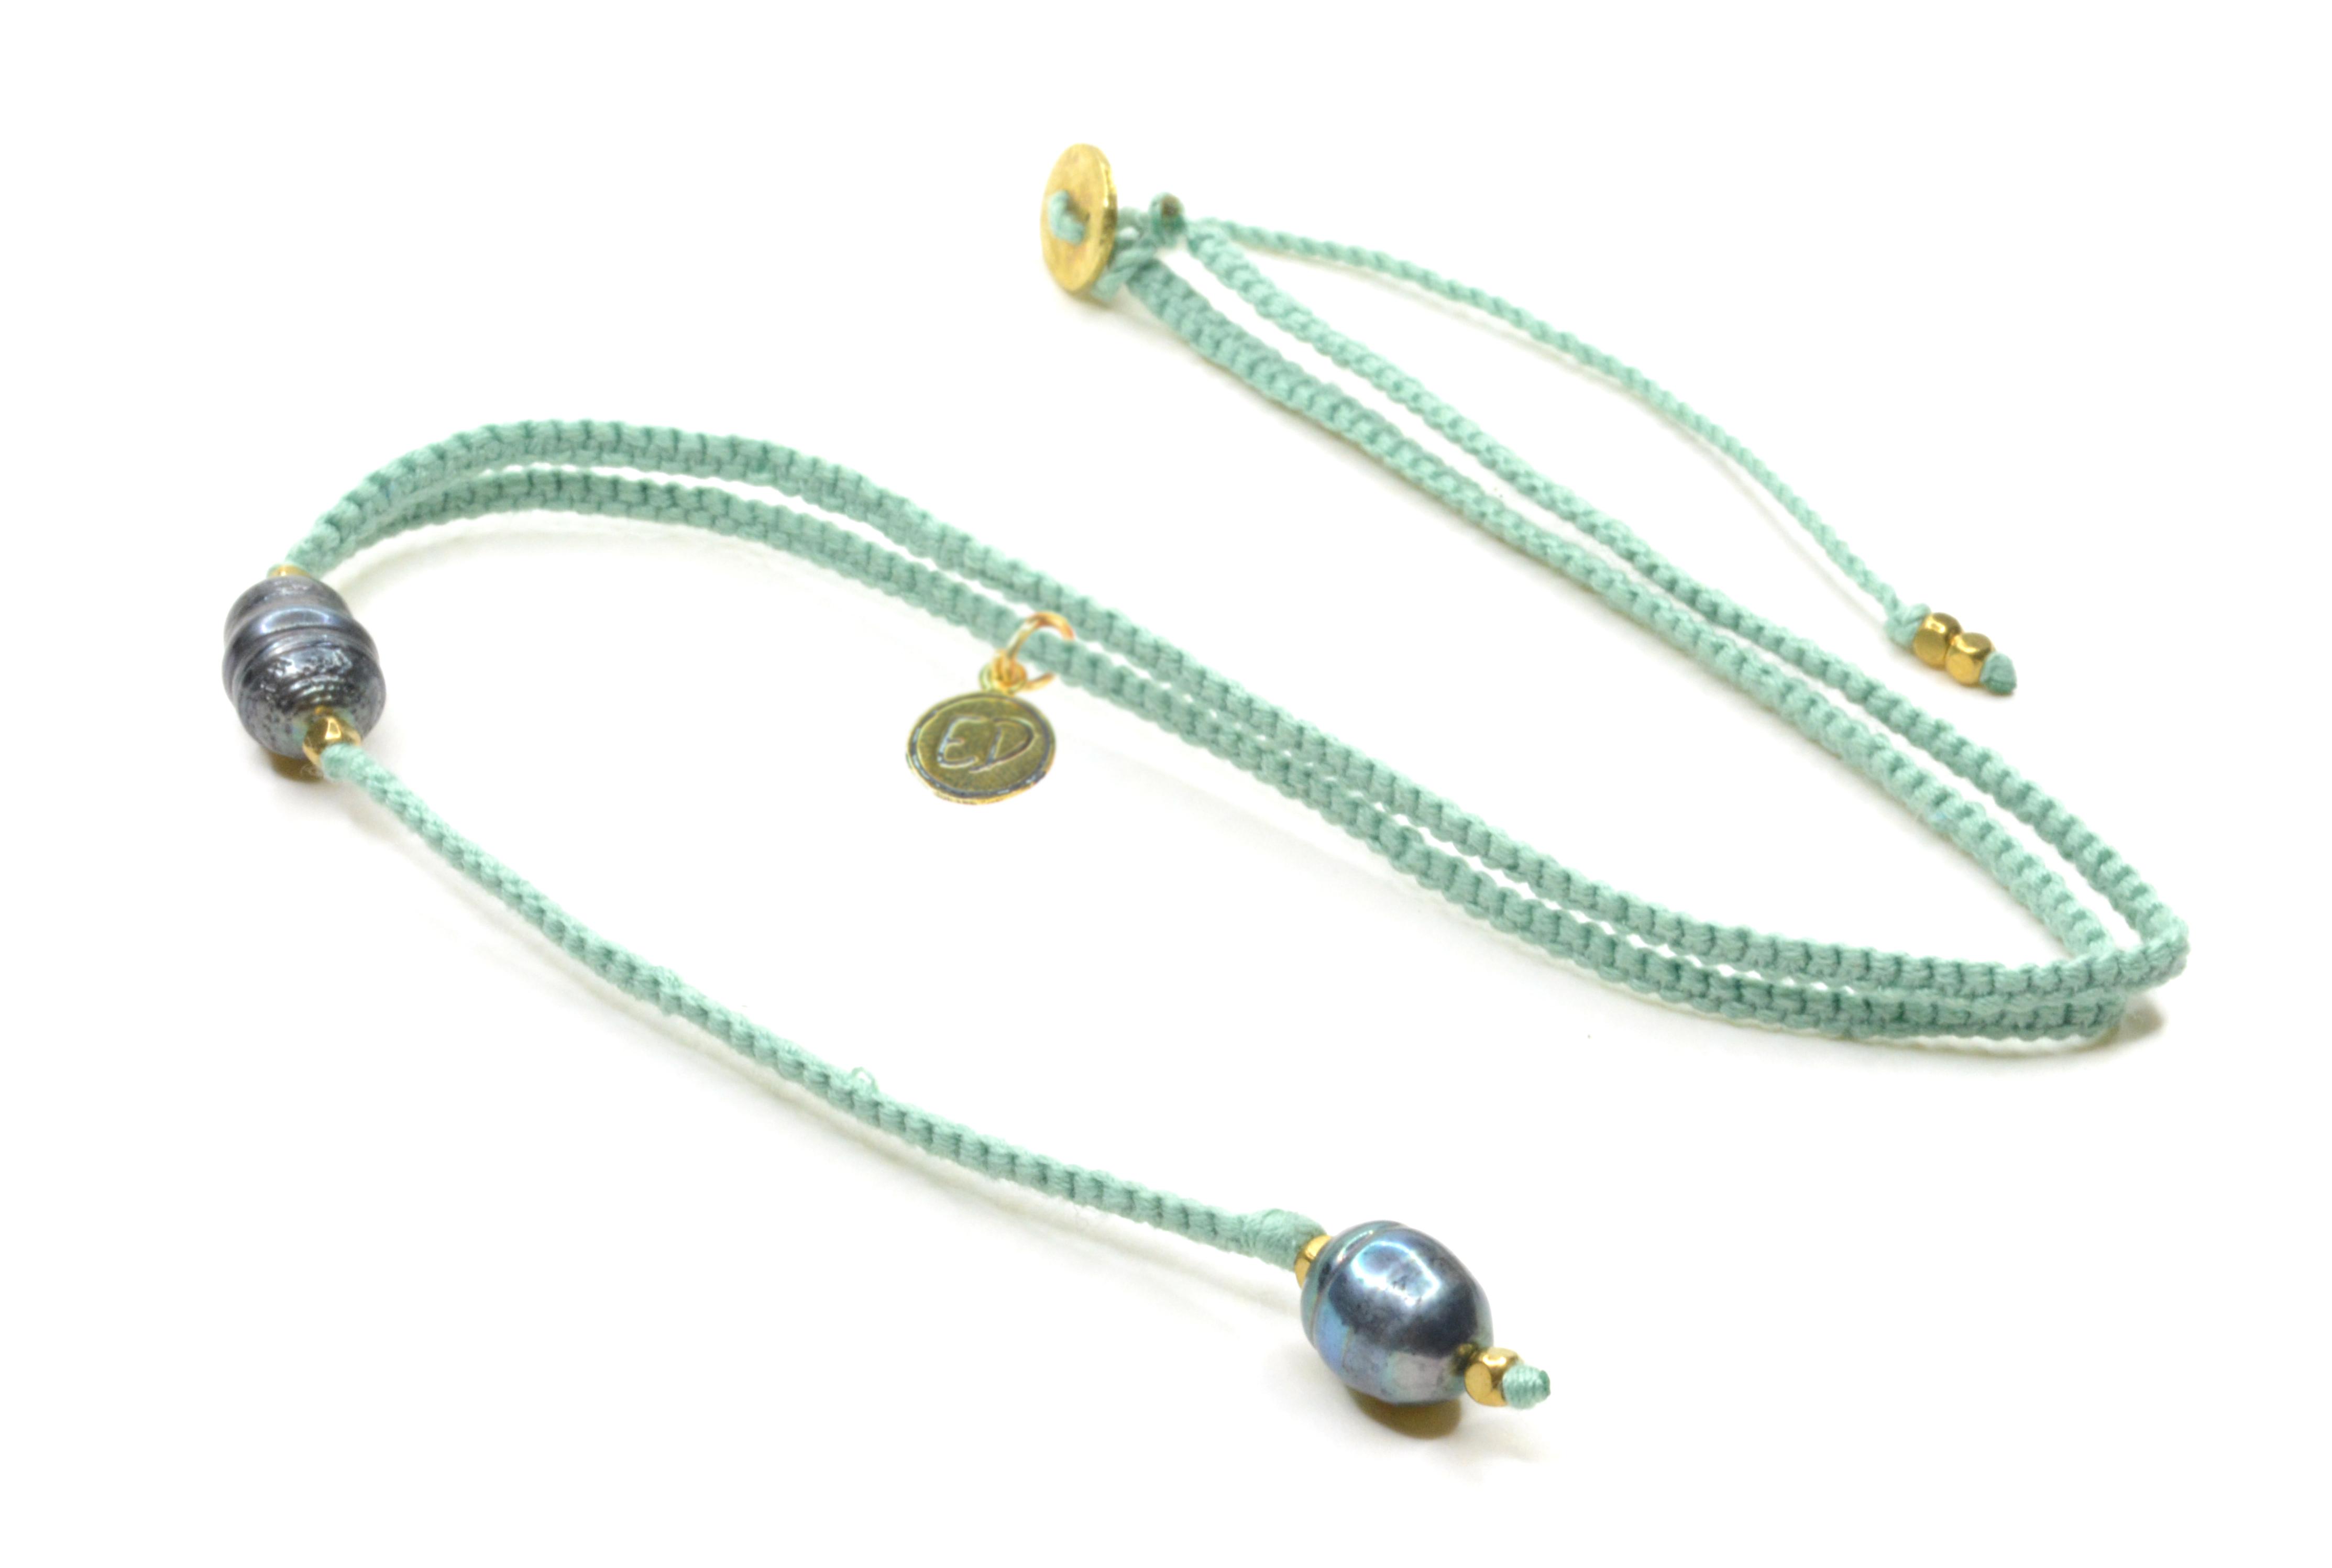 Dámsky ručne pletený náhrdelník s tmavými perlami - mentolový